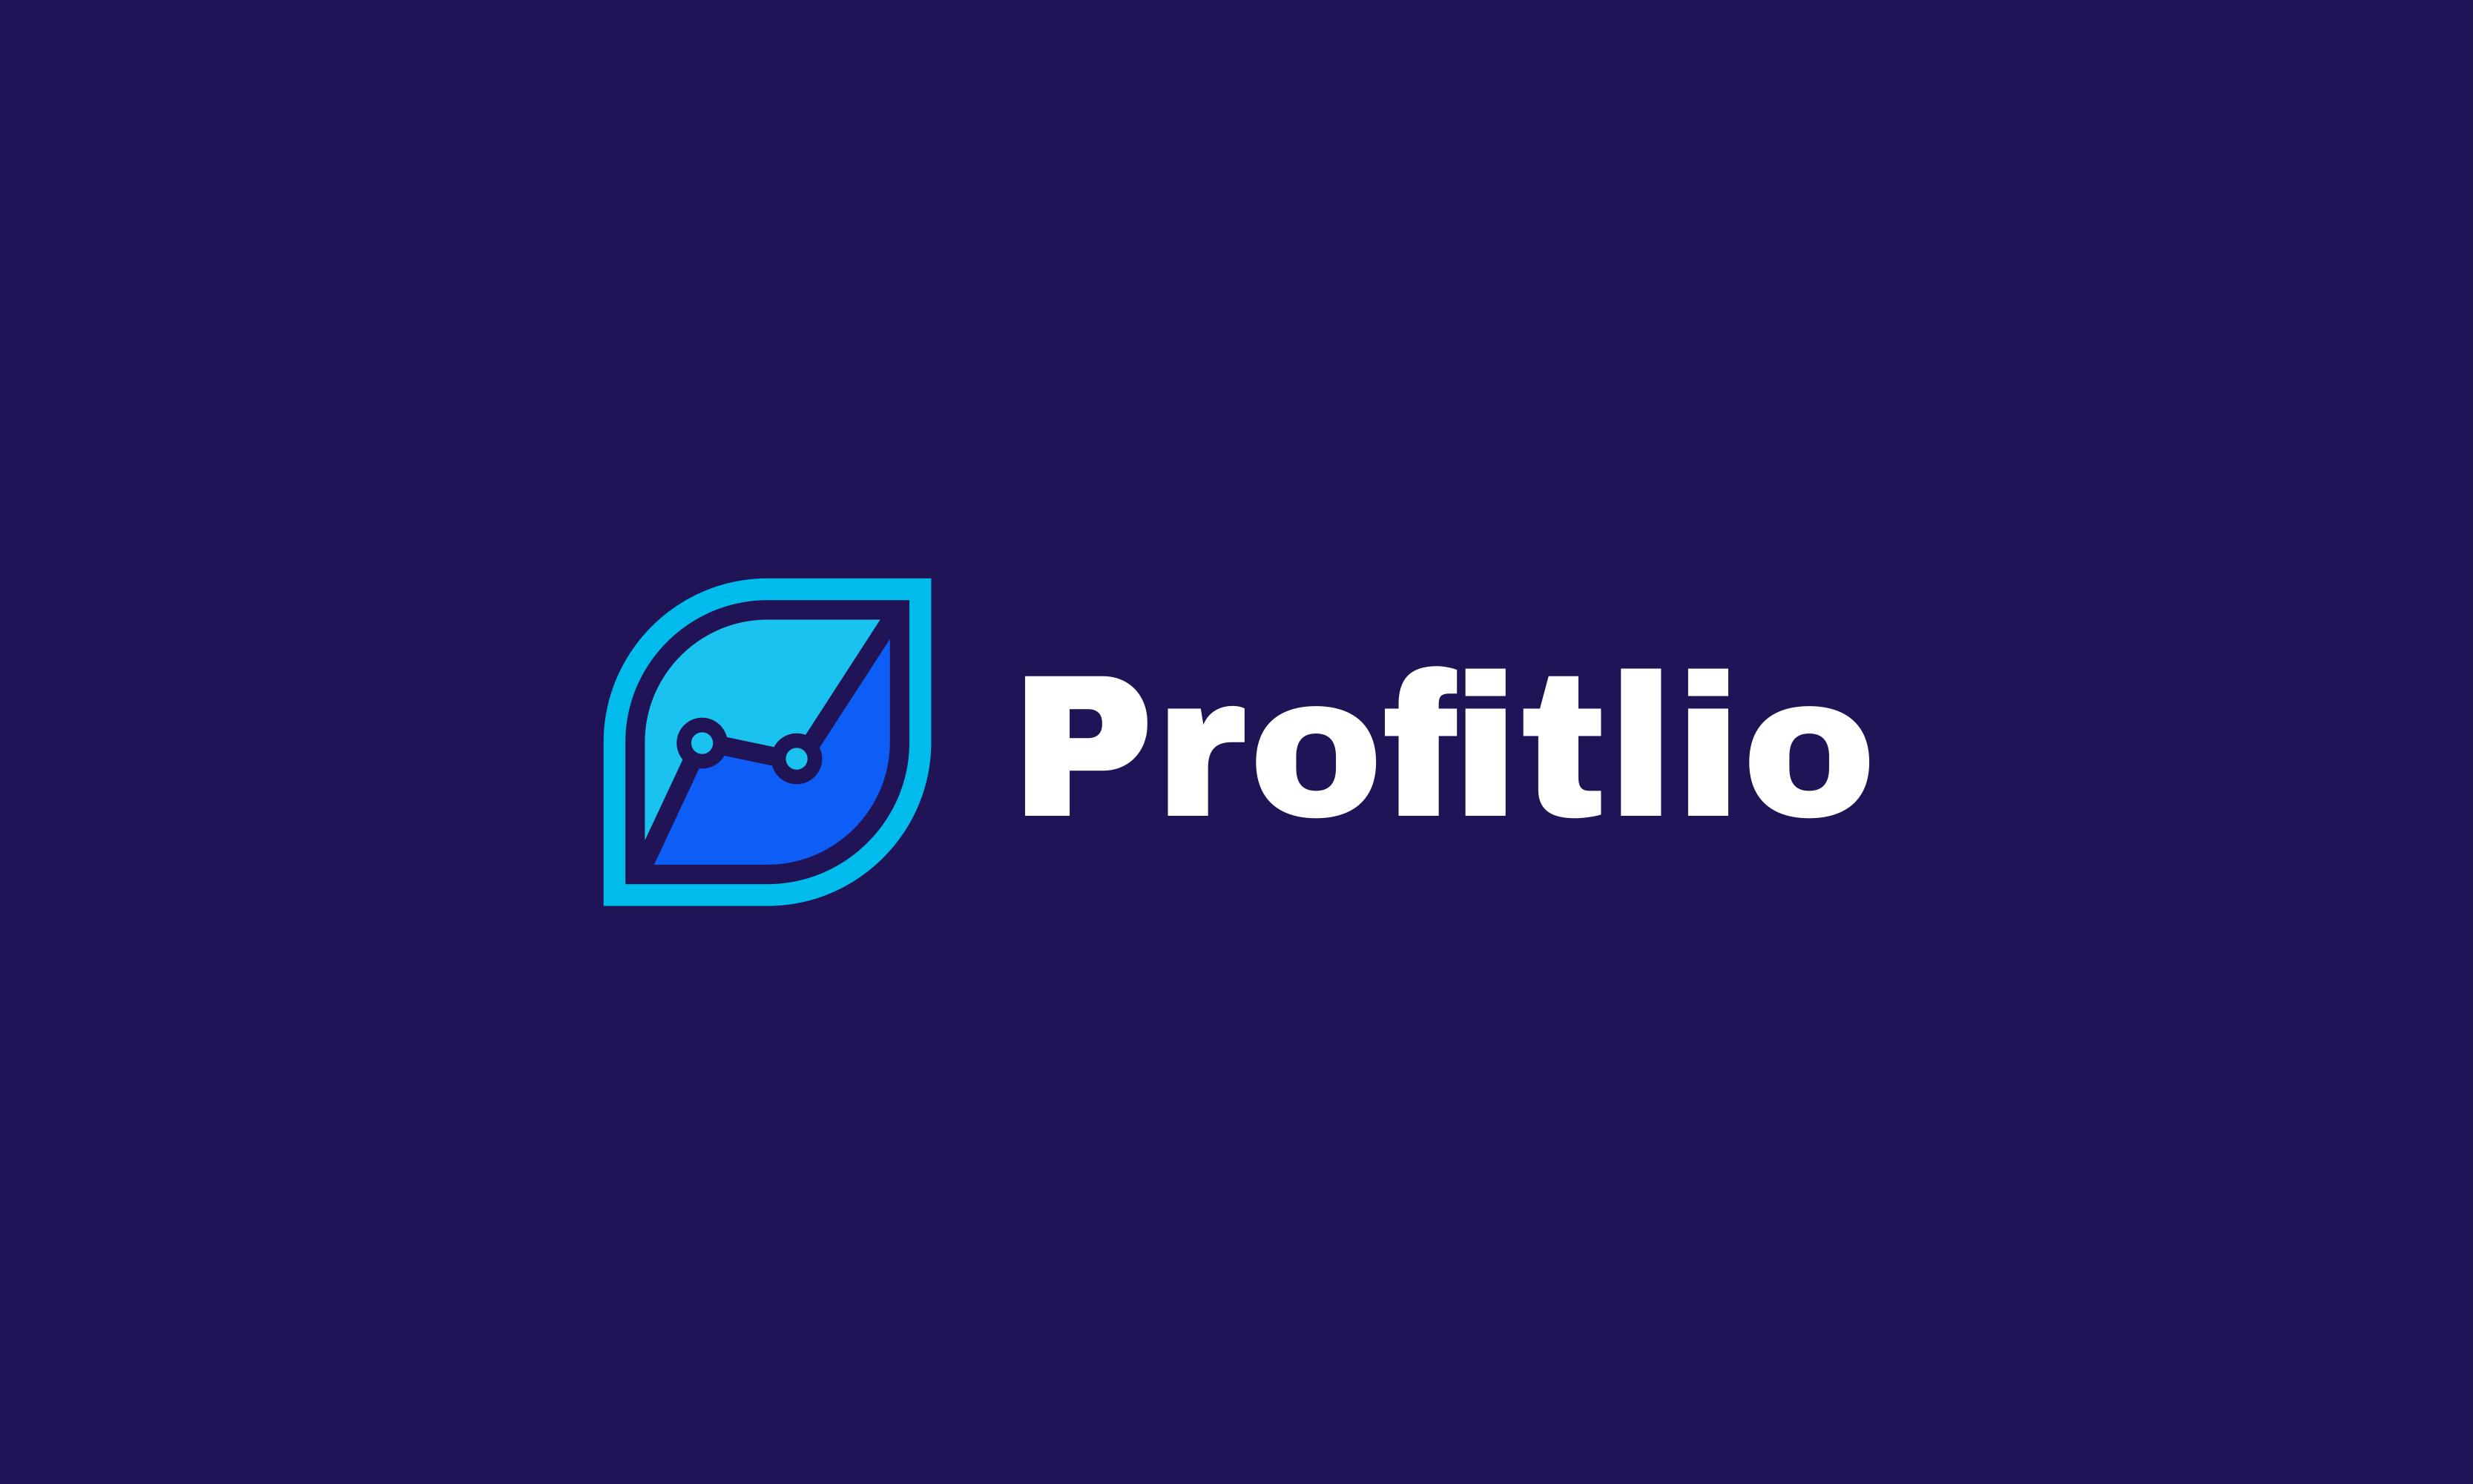 Profitlio